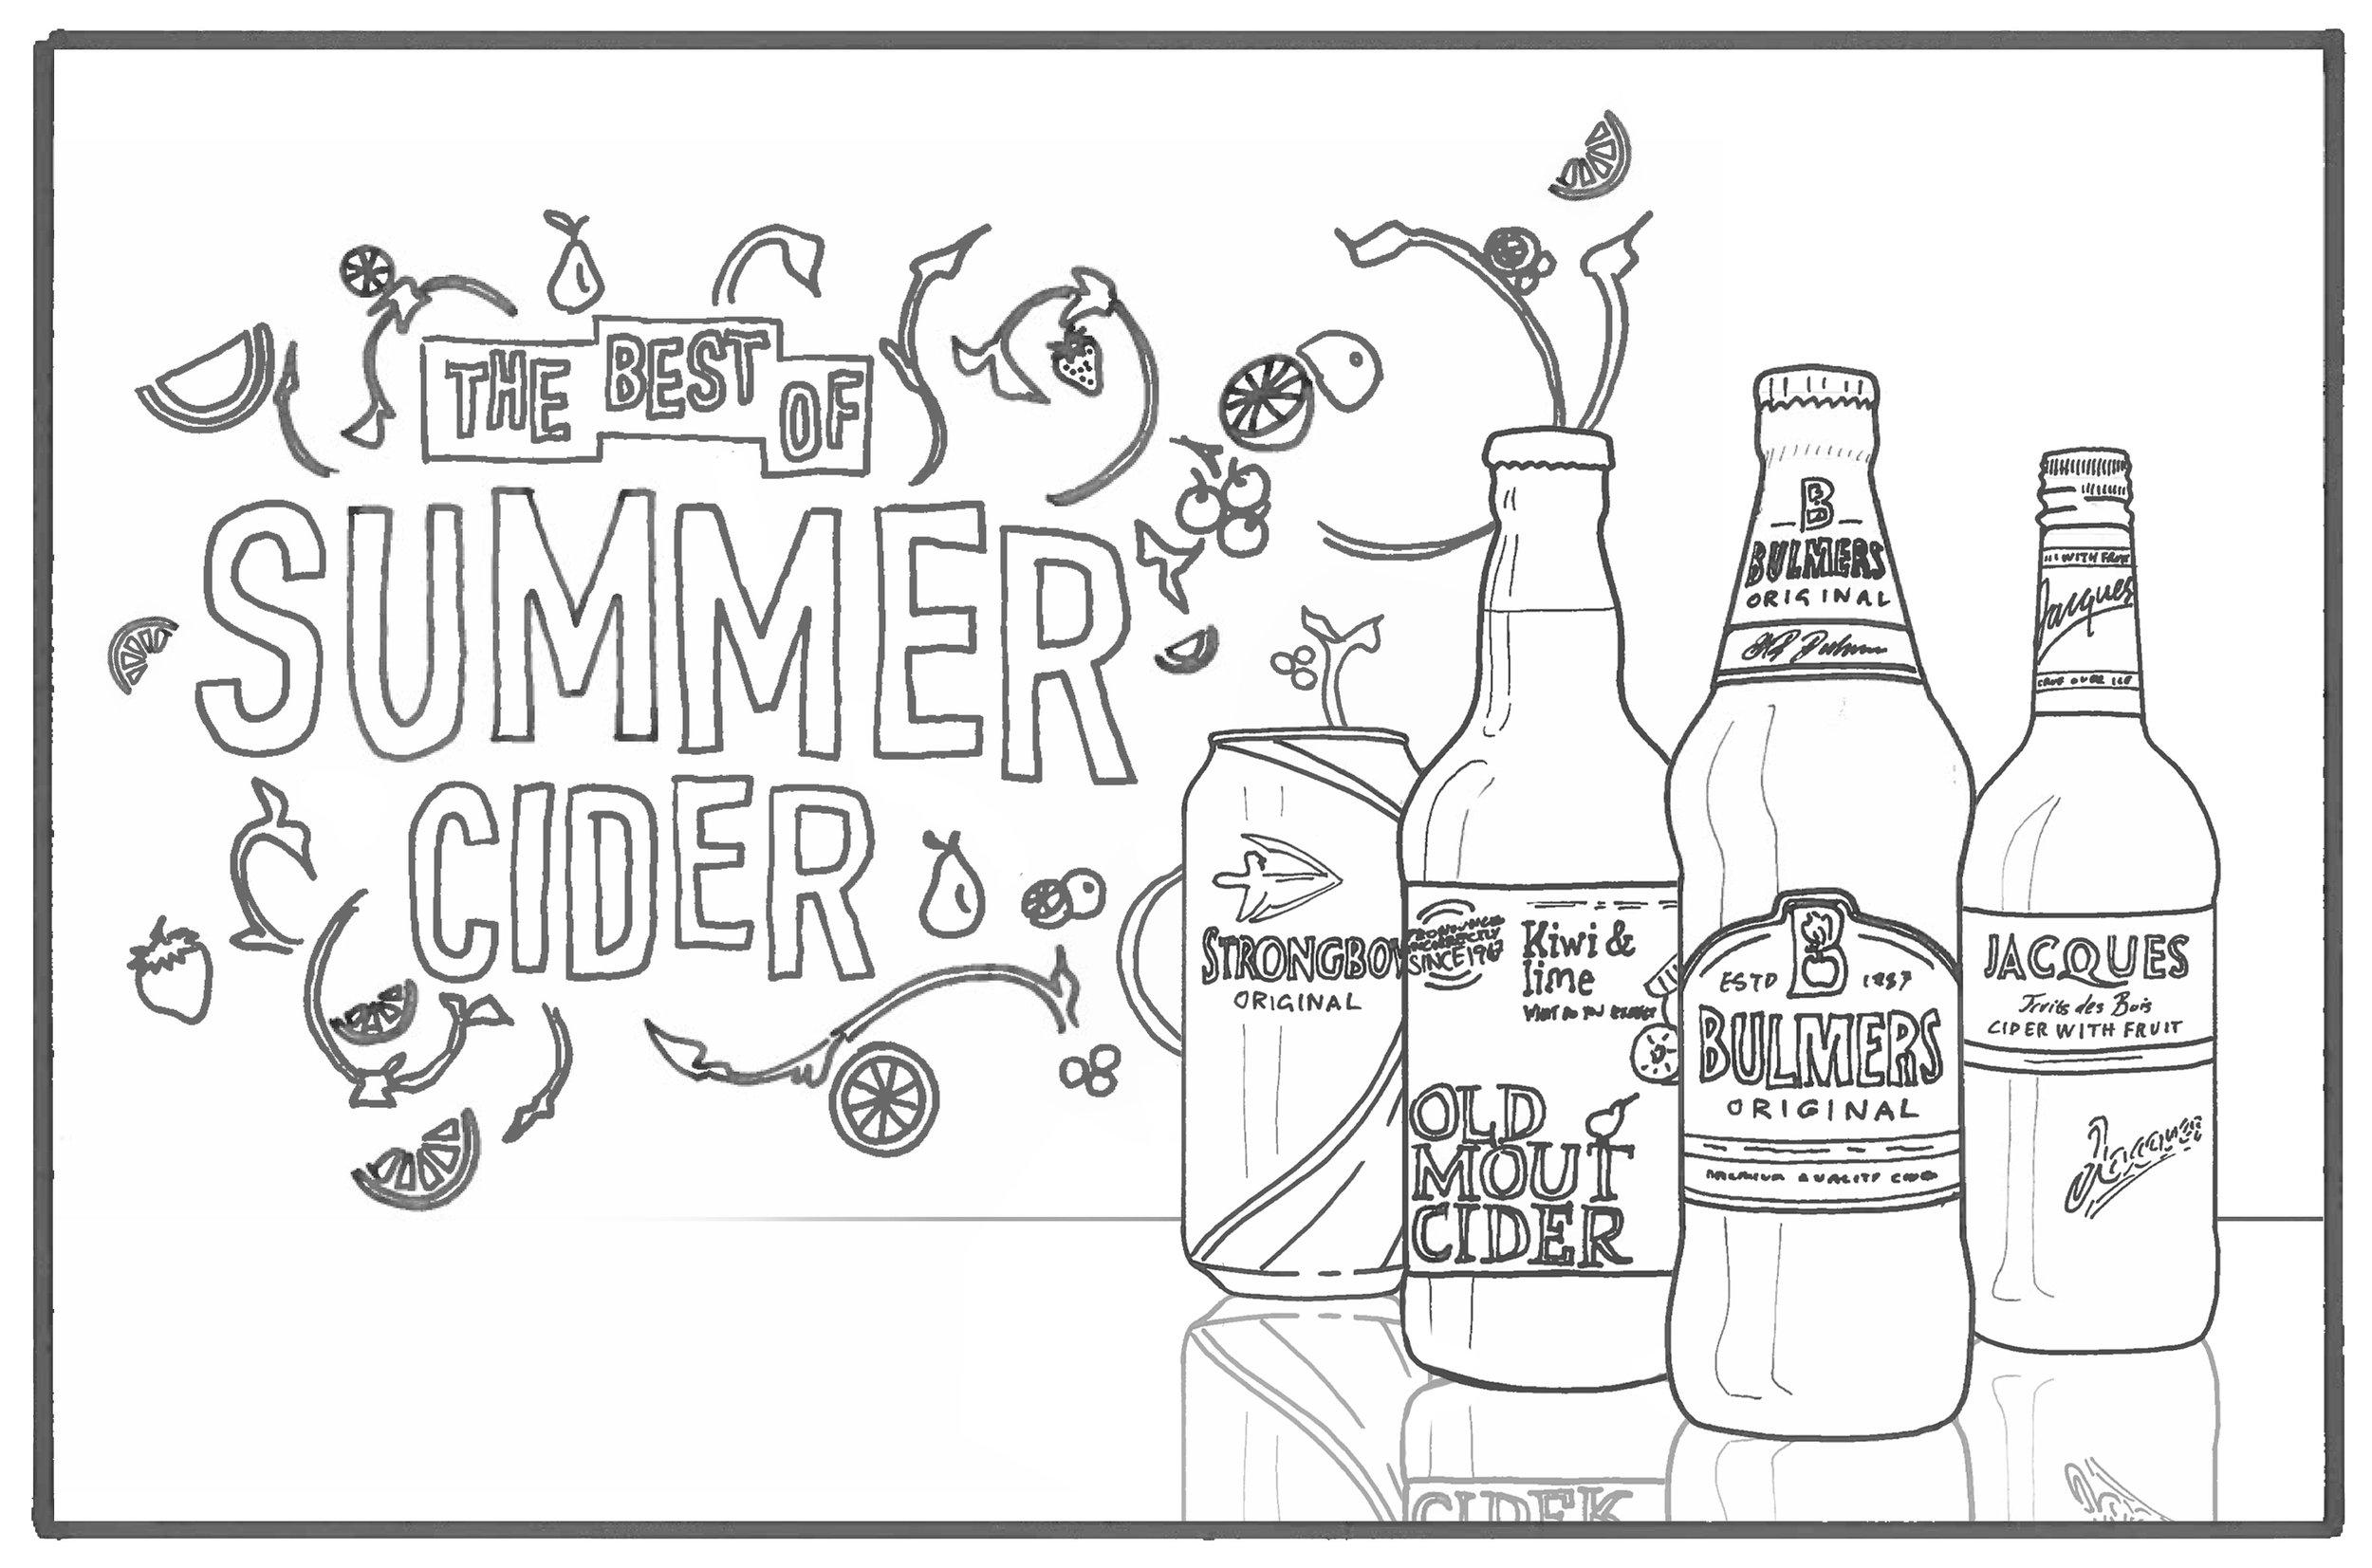 Lager-Cider-Scamps6.jpg